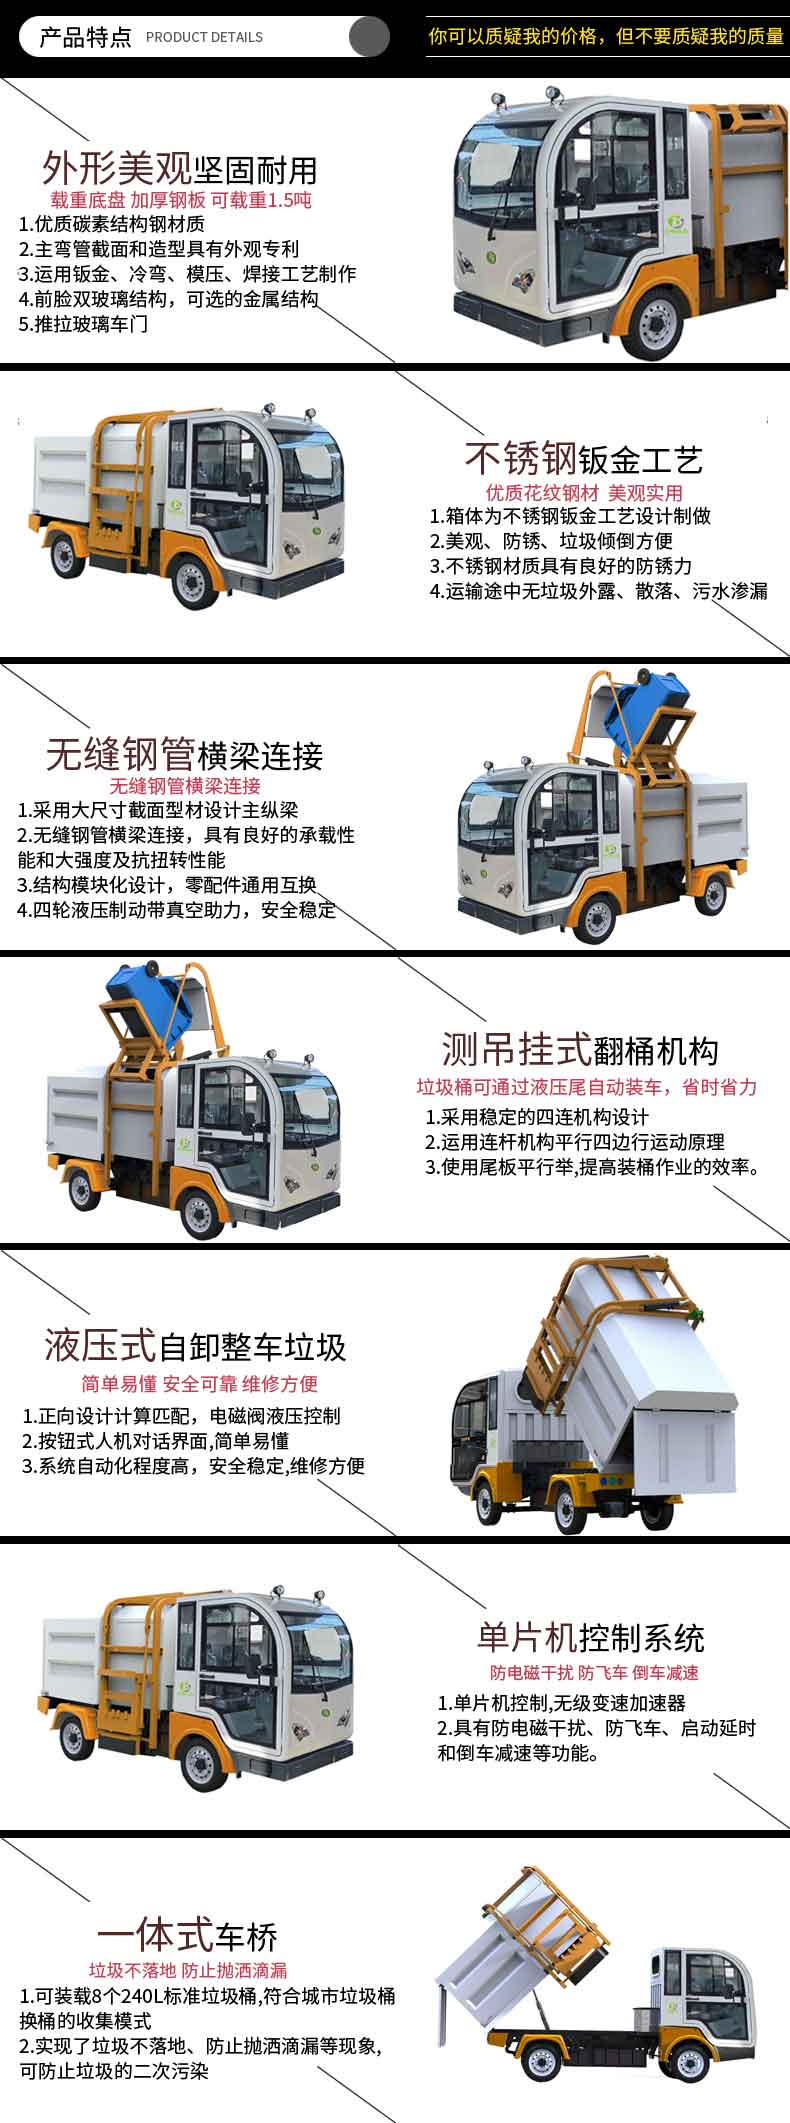 挂桶垃圾车,自装卸式垃圾车,挂桶自卸垃圾车,电动垃圾清运车,侧挂桶垃圾车,侧装式垃圾车